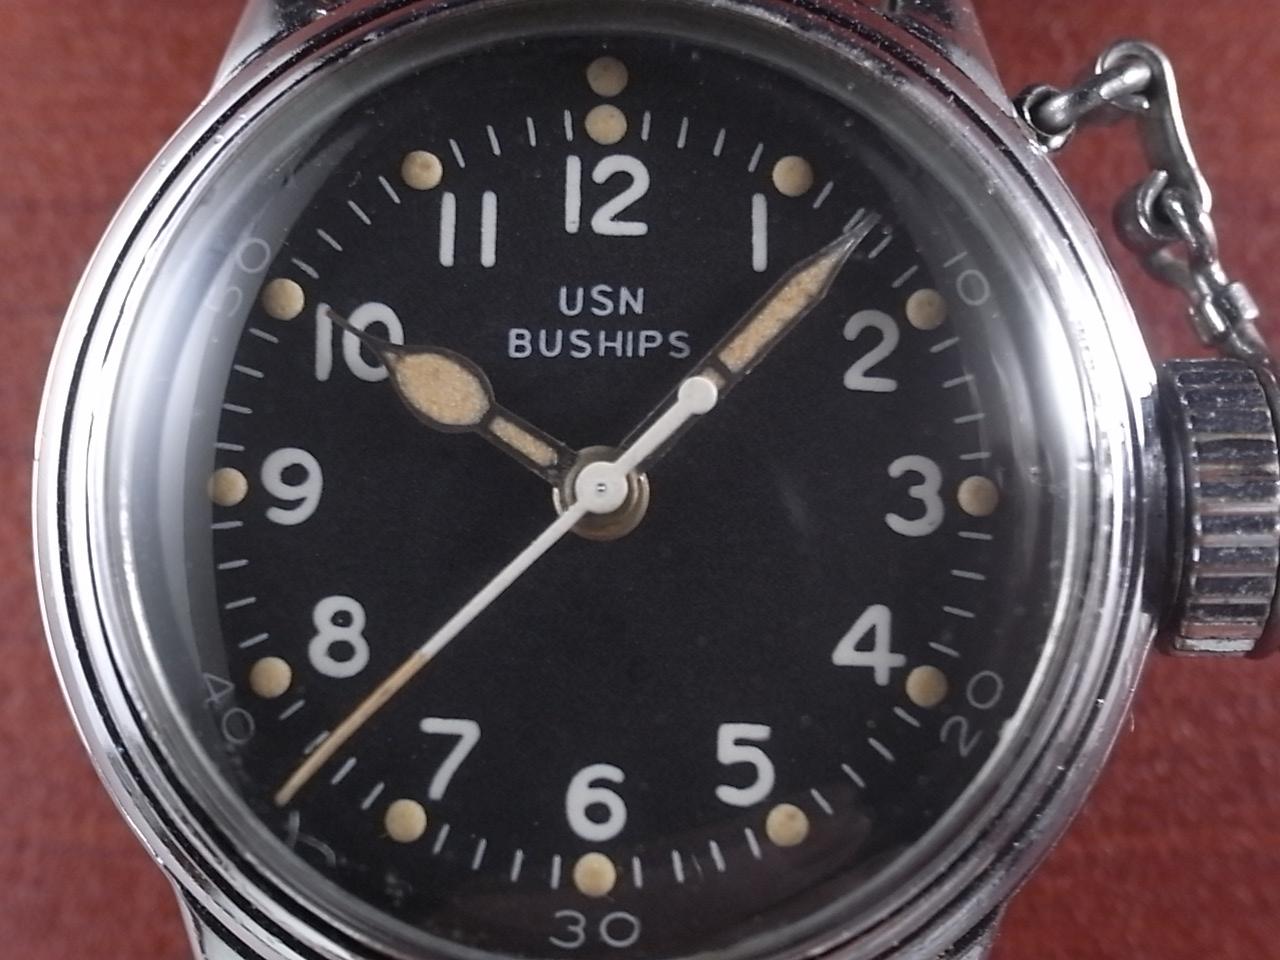 ハミルトン 軍用時計 米海軍 USN BUSHIPS 1940年代の写真2枚目